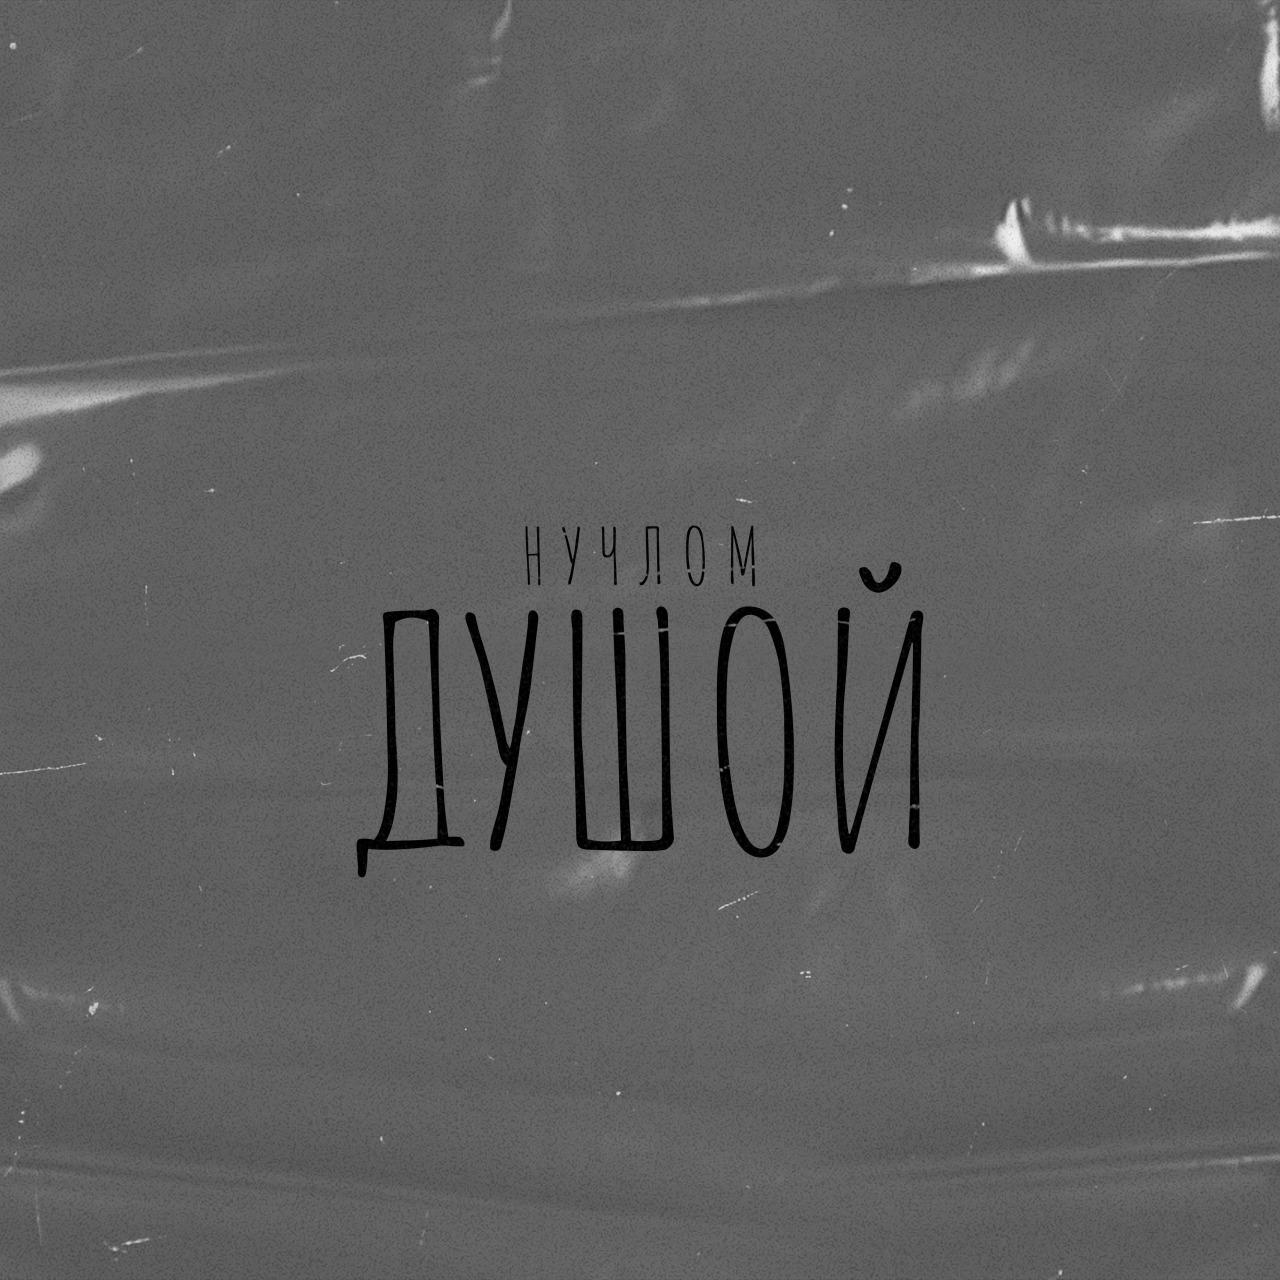 Нучлом презентовал новый альбом «Душой»